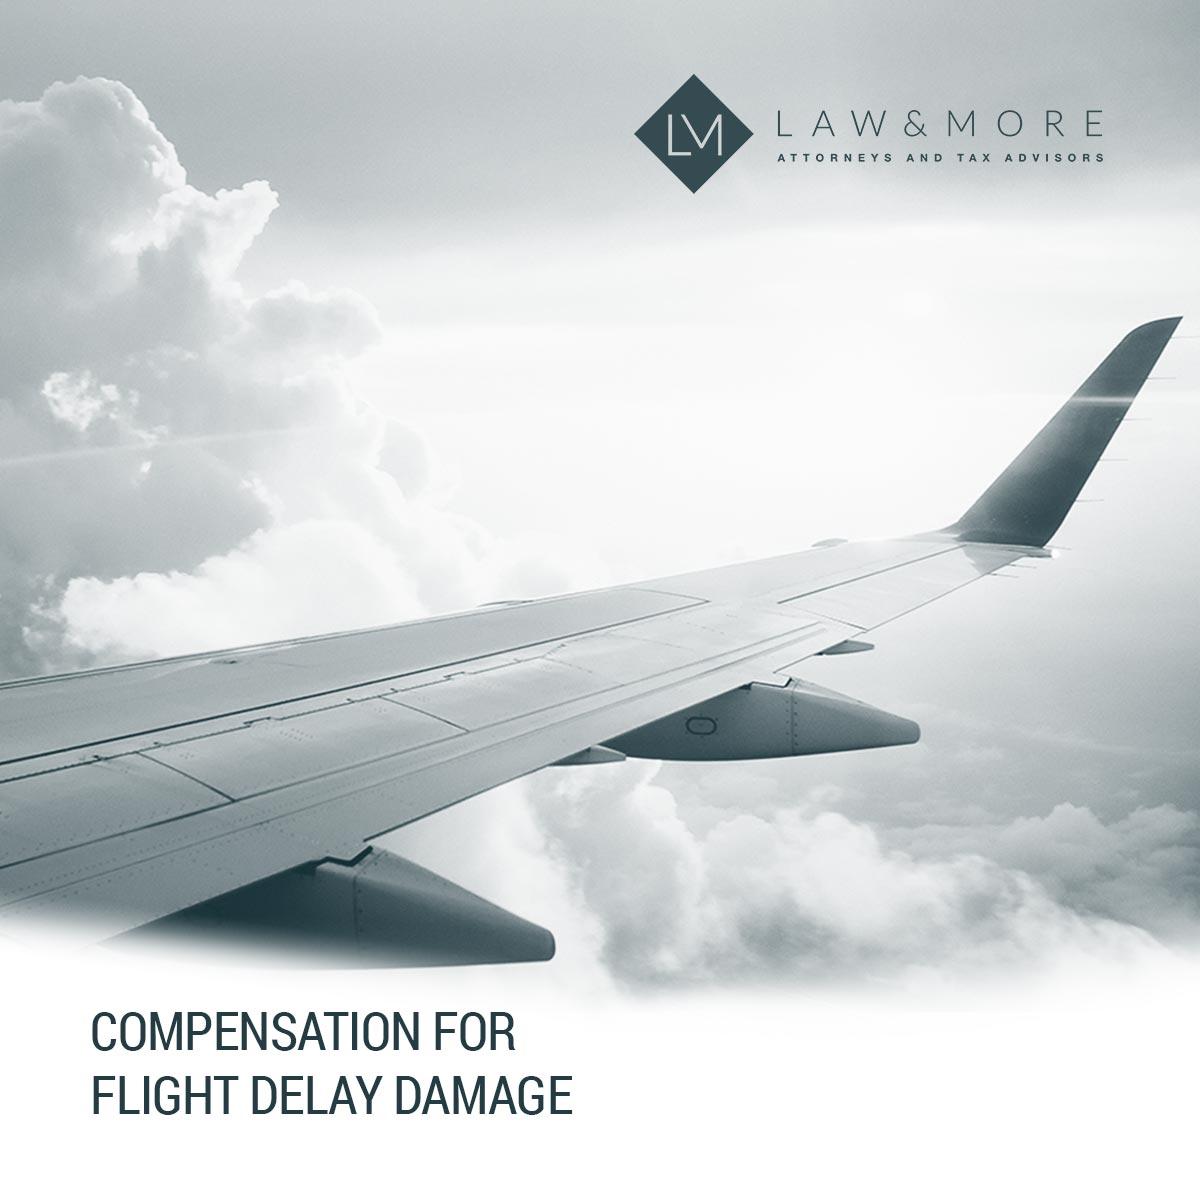 Uçuş gecikme hasarı için tazminat